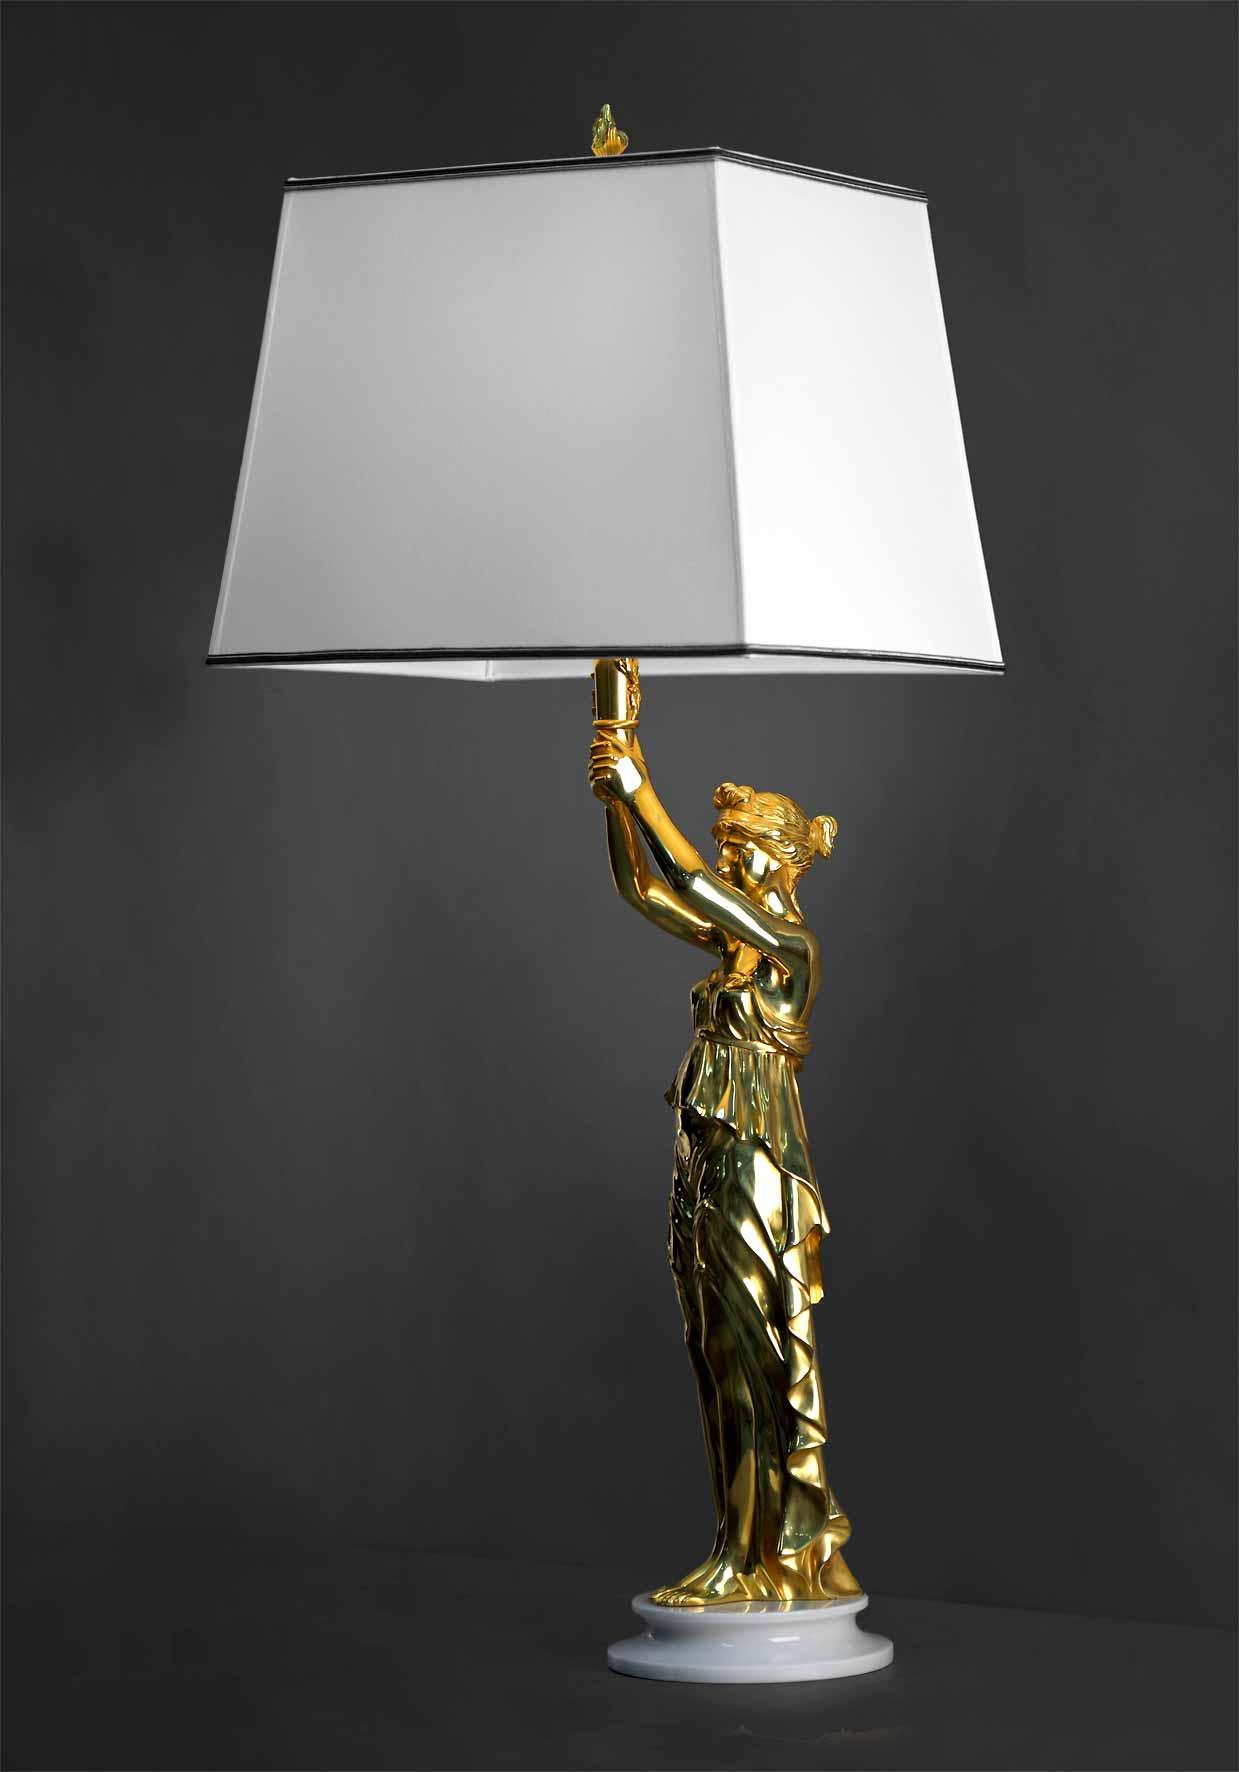 Lampes & lampadaires - 13789